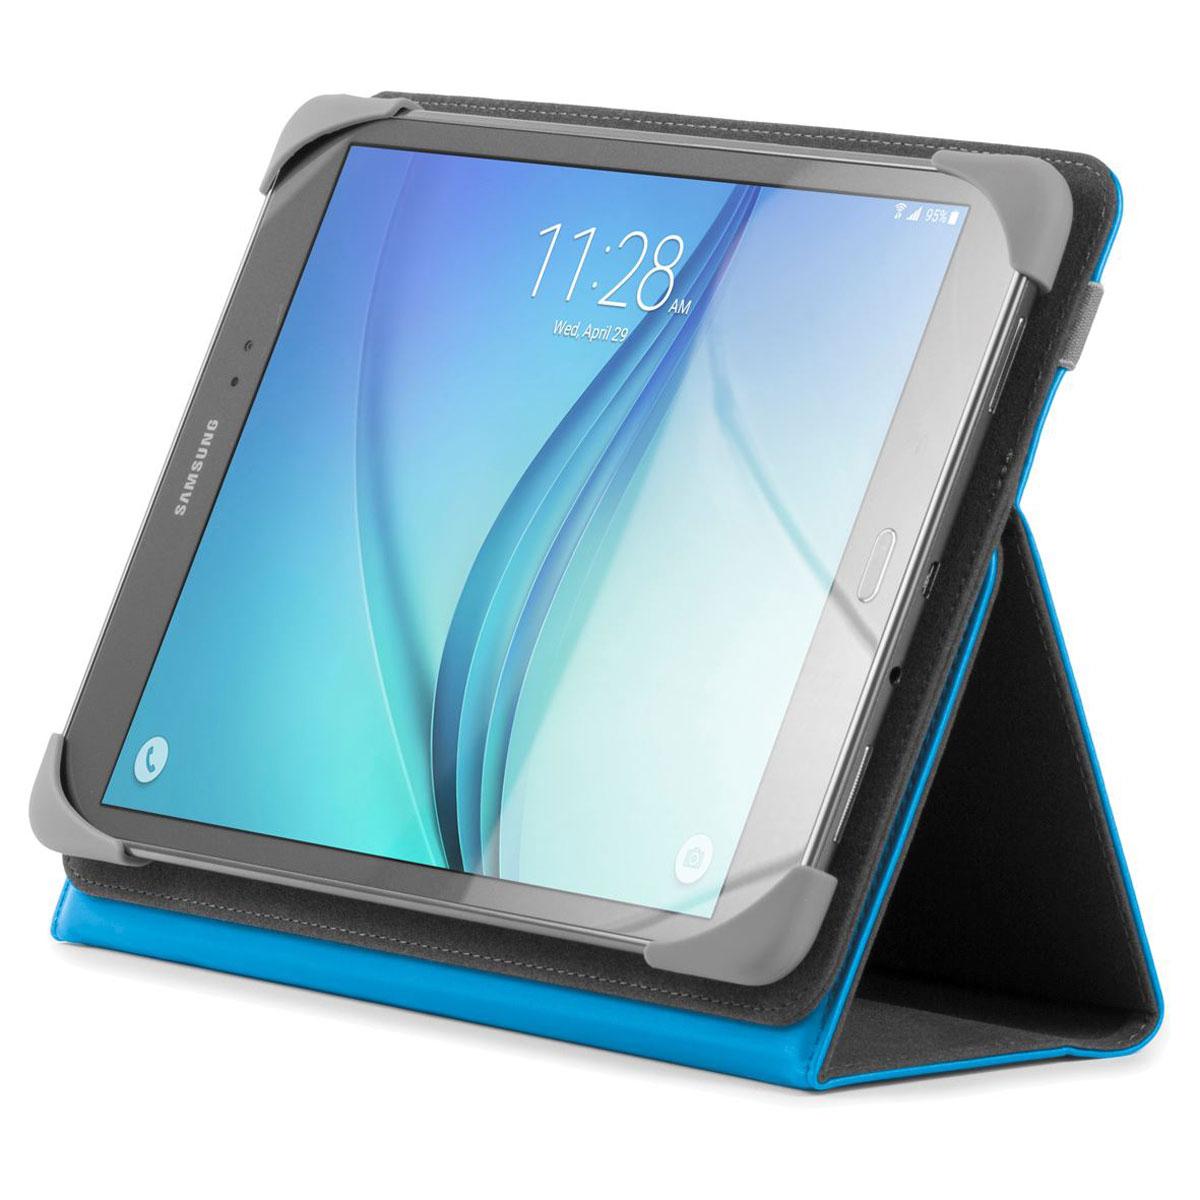 Targus Safefit Bleu Etui Tablette Targus Sur Ldlc Com